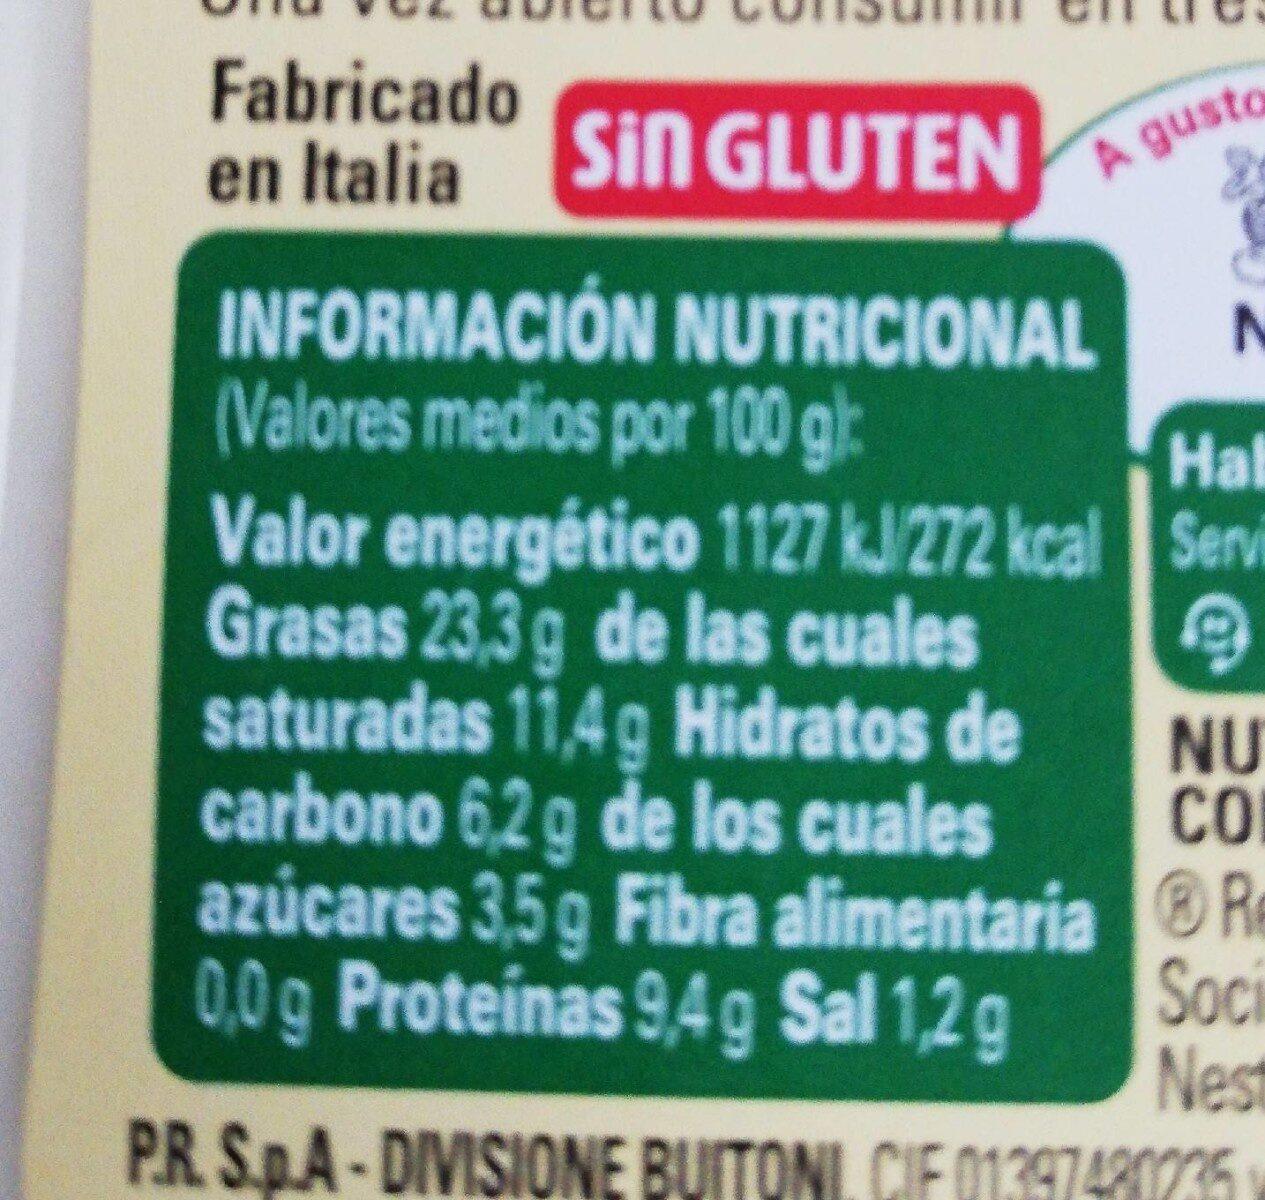 Salsa 4Fornaggi - Informació nutricional